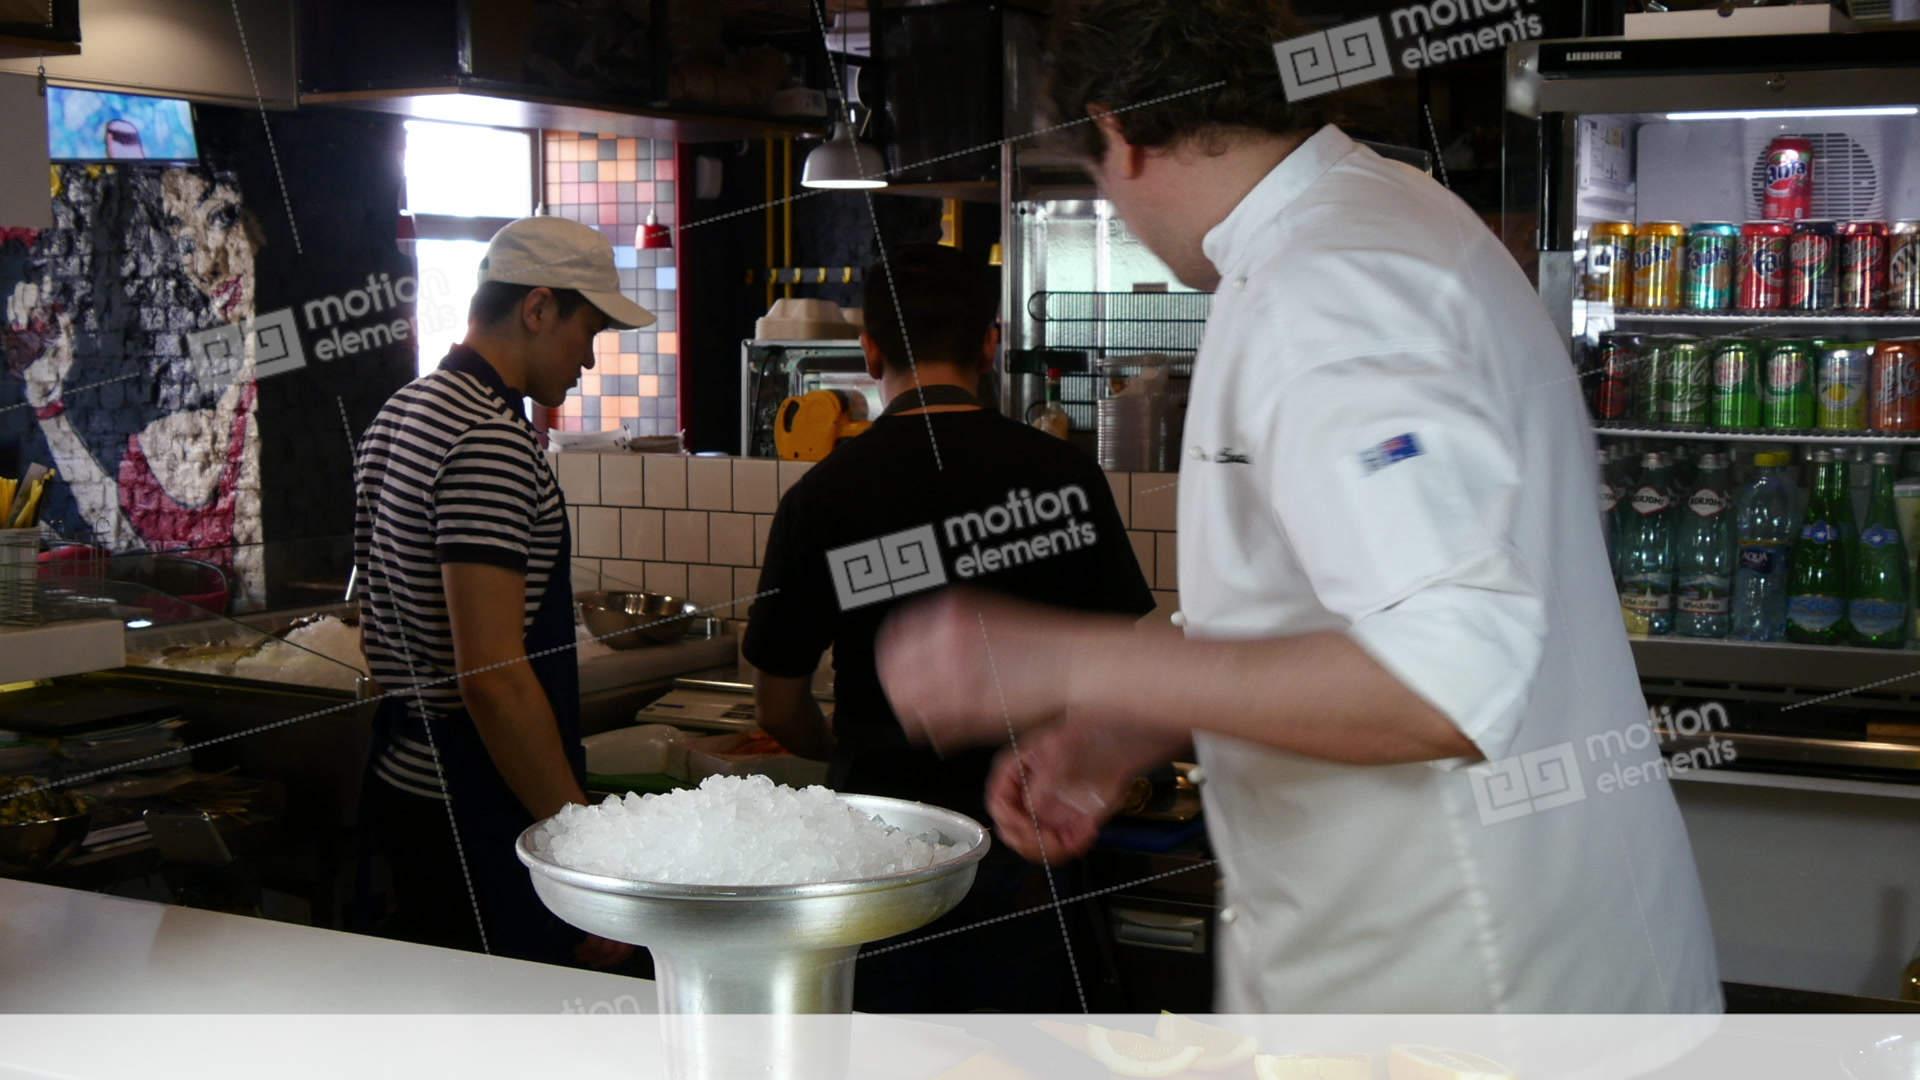 Restaurant Kitchen Sound Effects